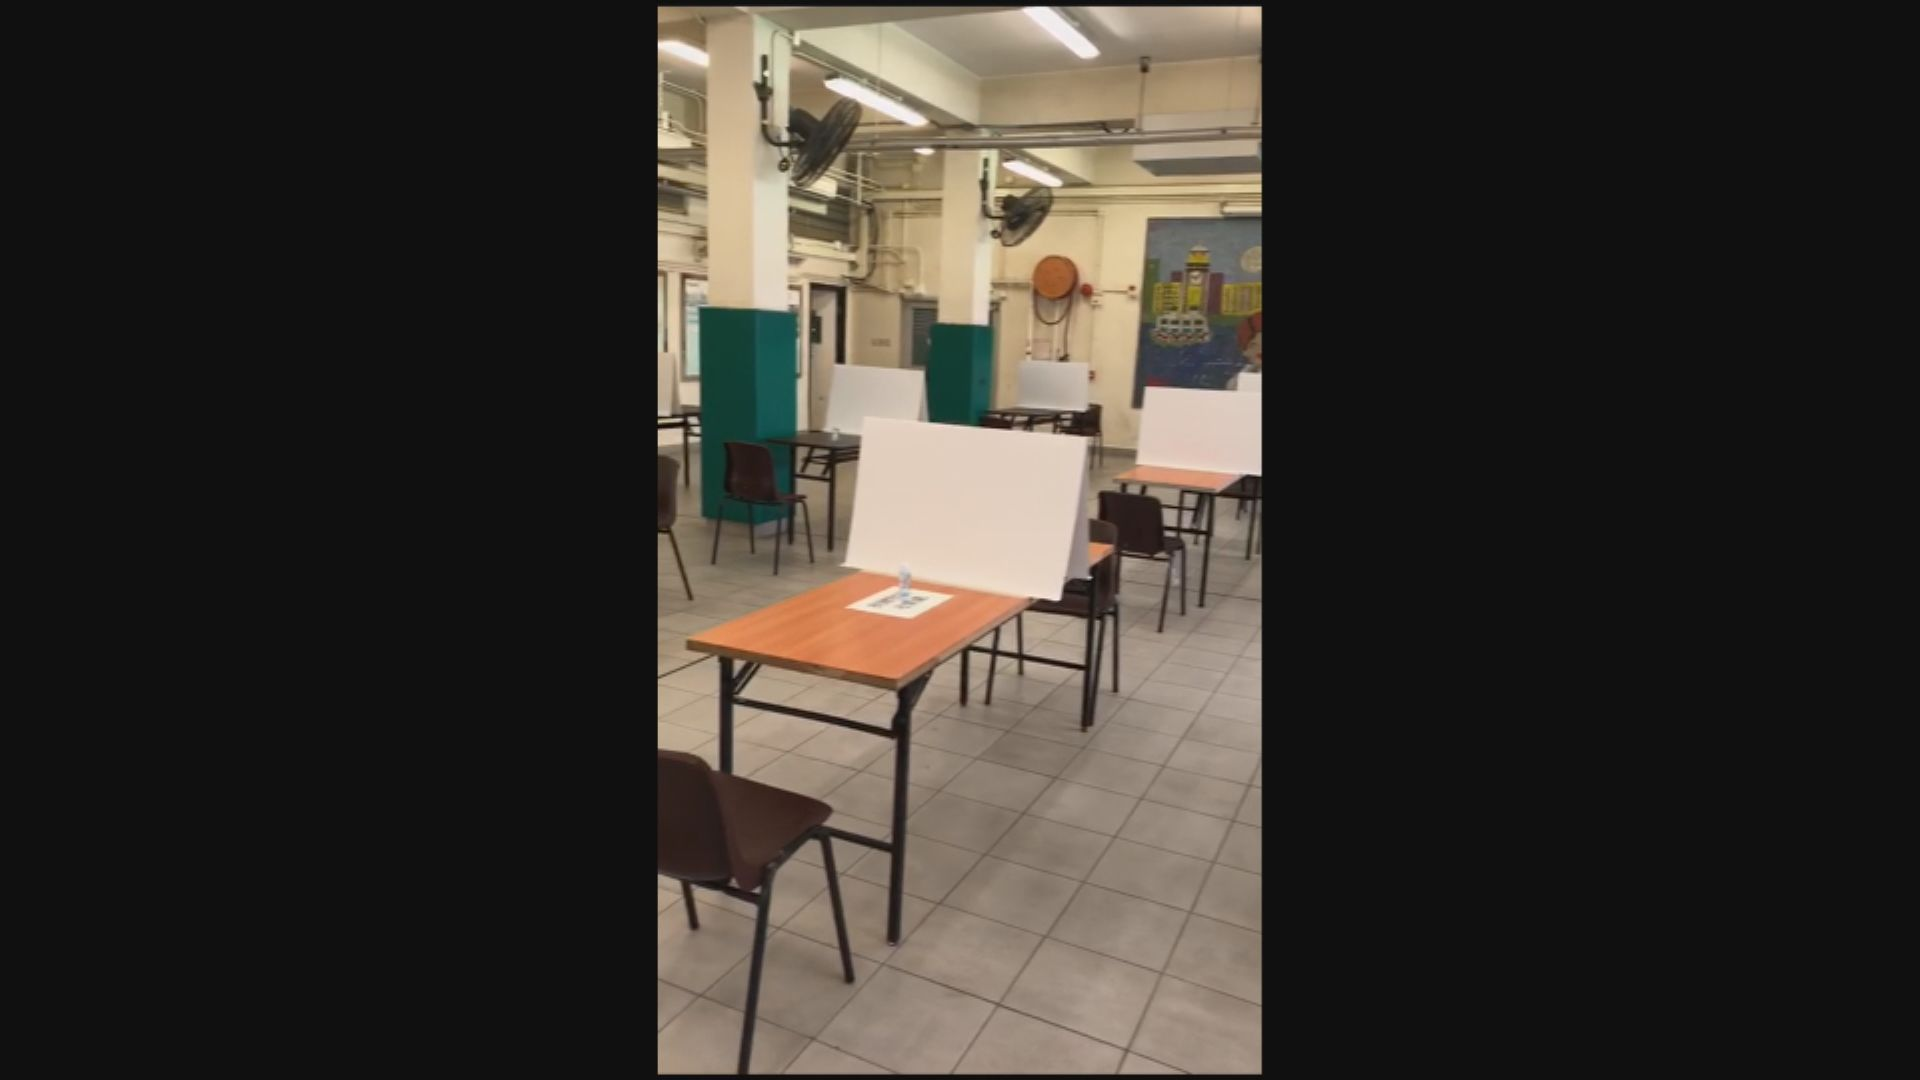 政府開放十九間社區會堂或中心給市民午膳